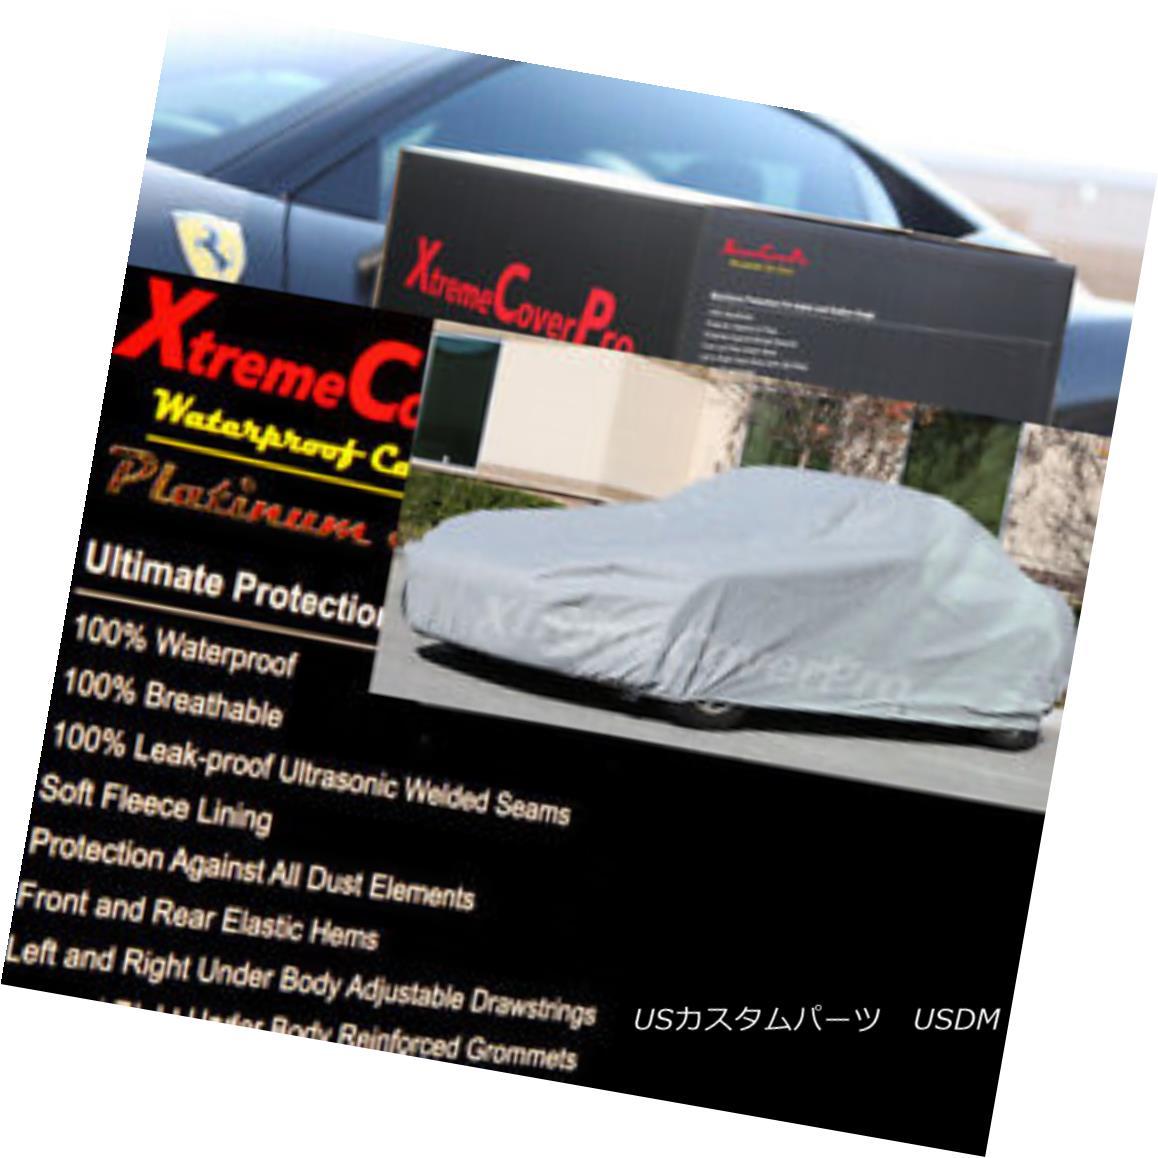 カーカバー 2015 SUBARU BRZ Waterproof Car Cover 2015 SUBARU BRZ防水カーカバー